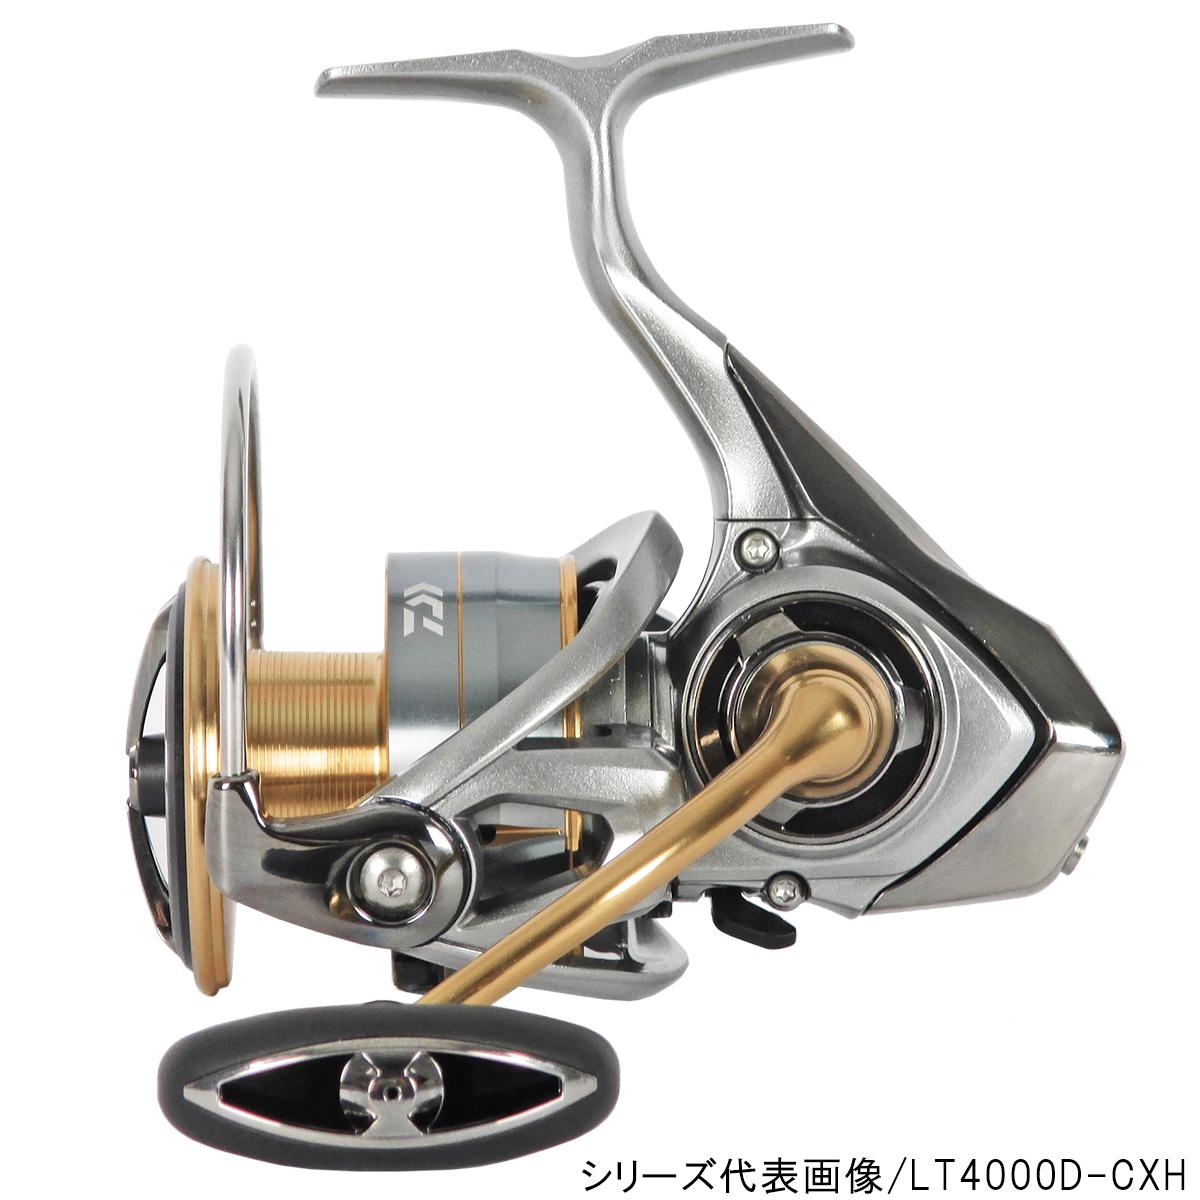 ダイワ フリームス LT5000D-C(東日本店)【同梱不可】